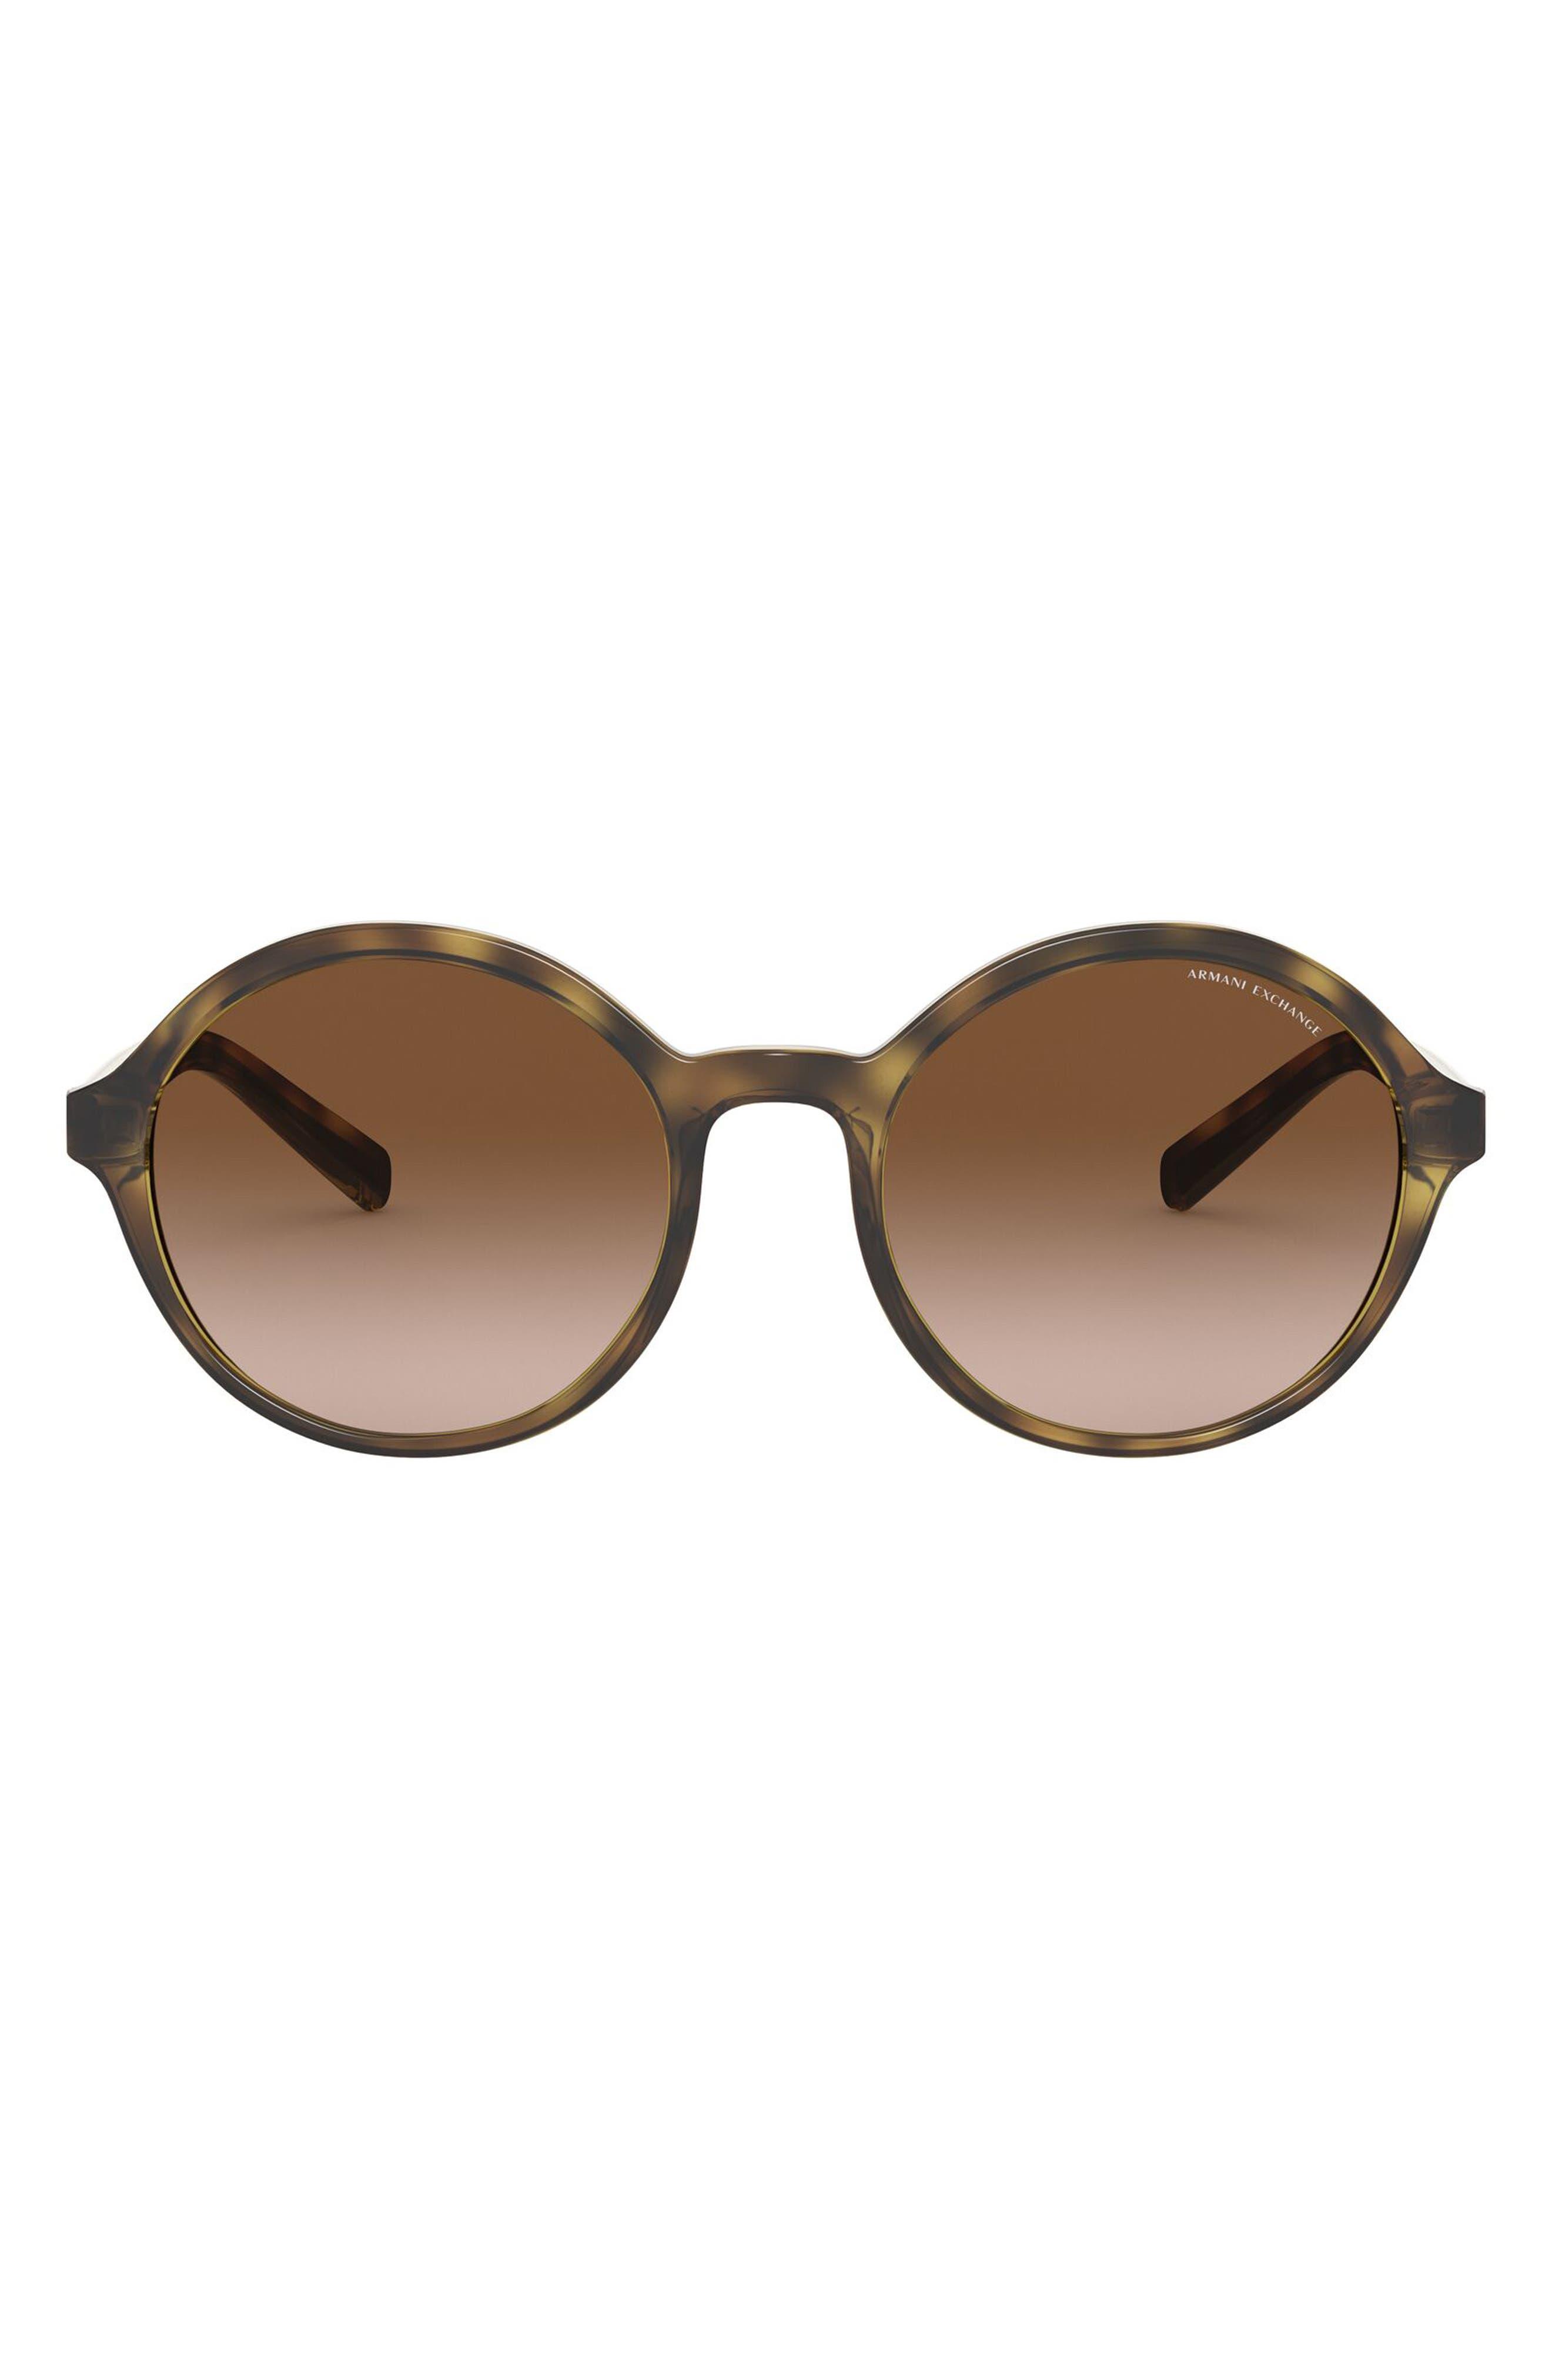 55mm Gradient Round Sunglasses